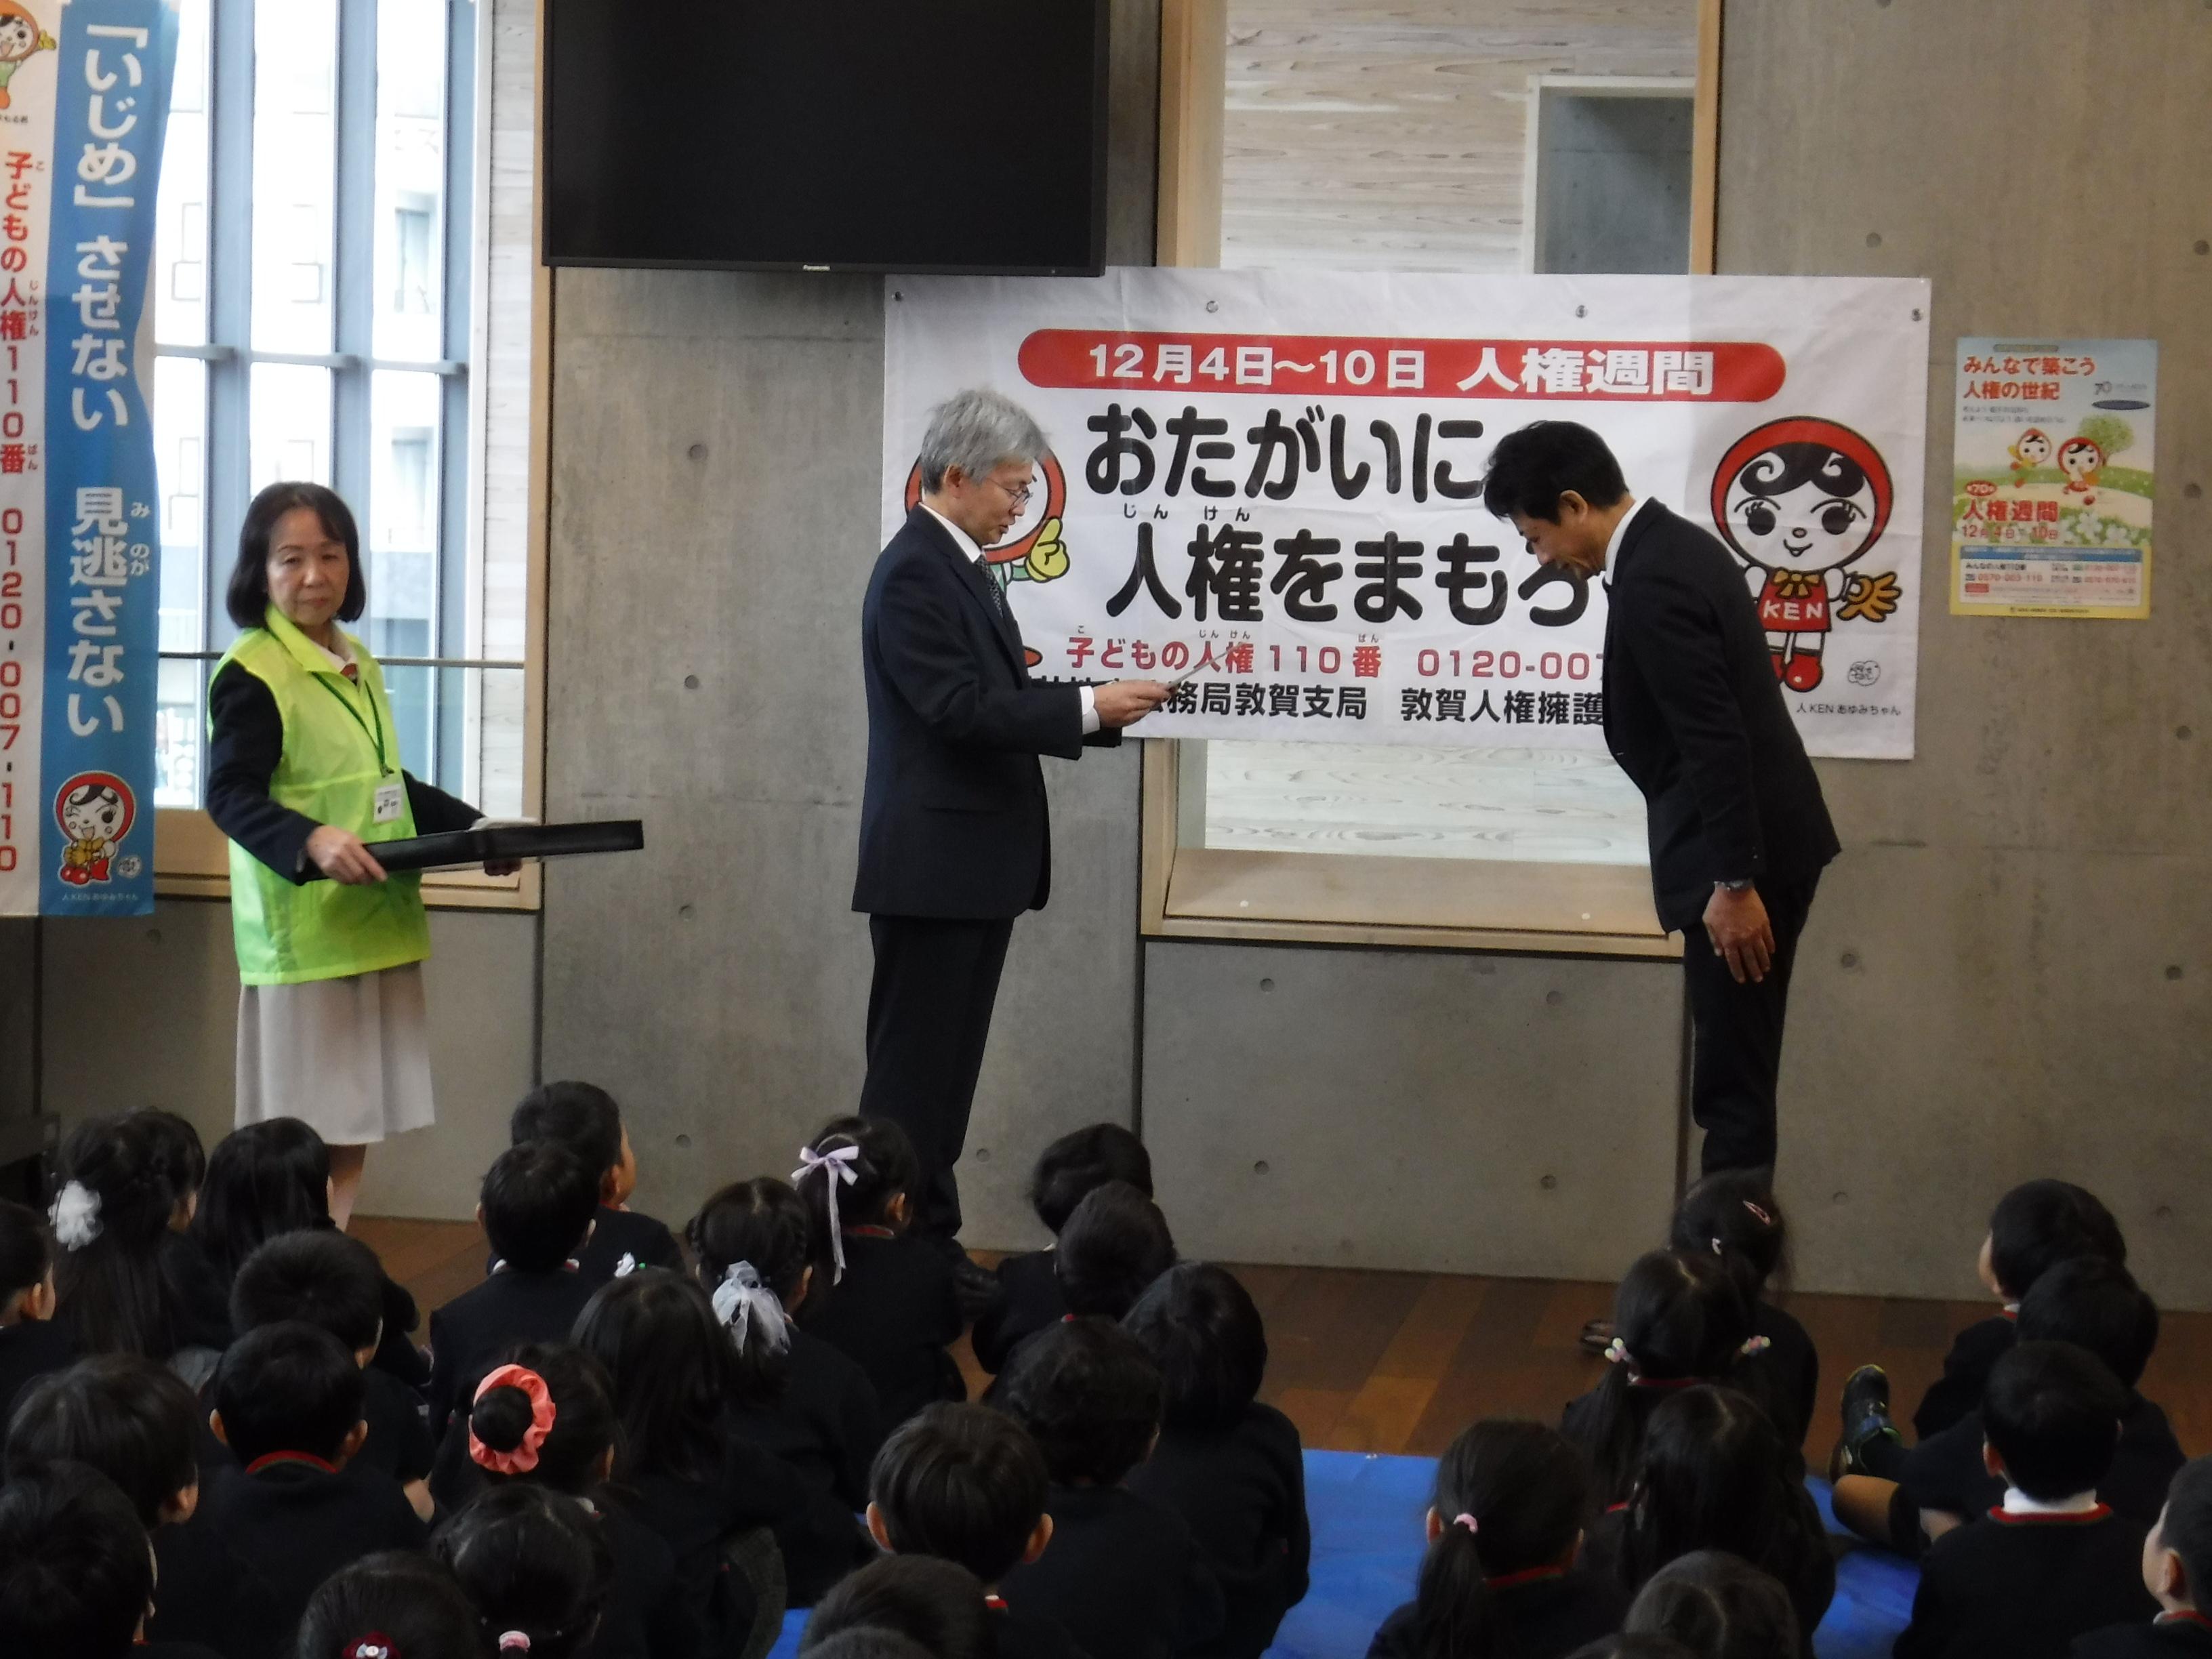 【年長組】人権街頭啓発運動